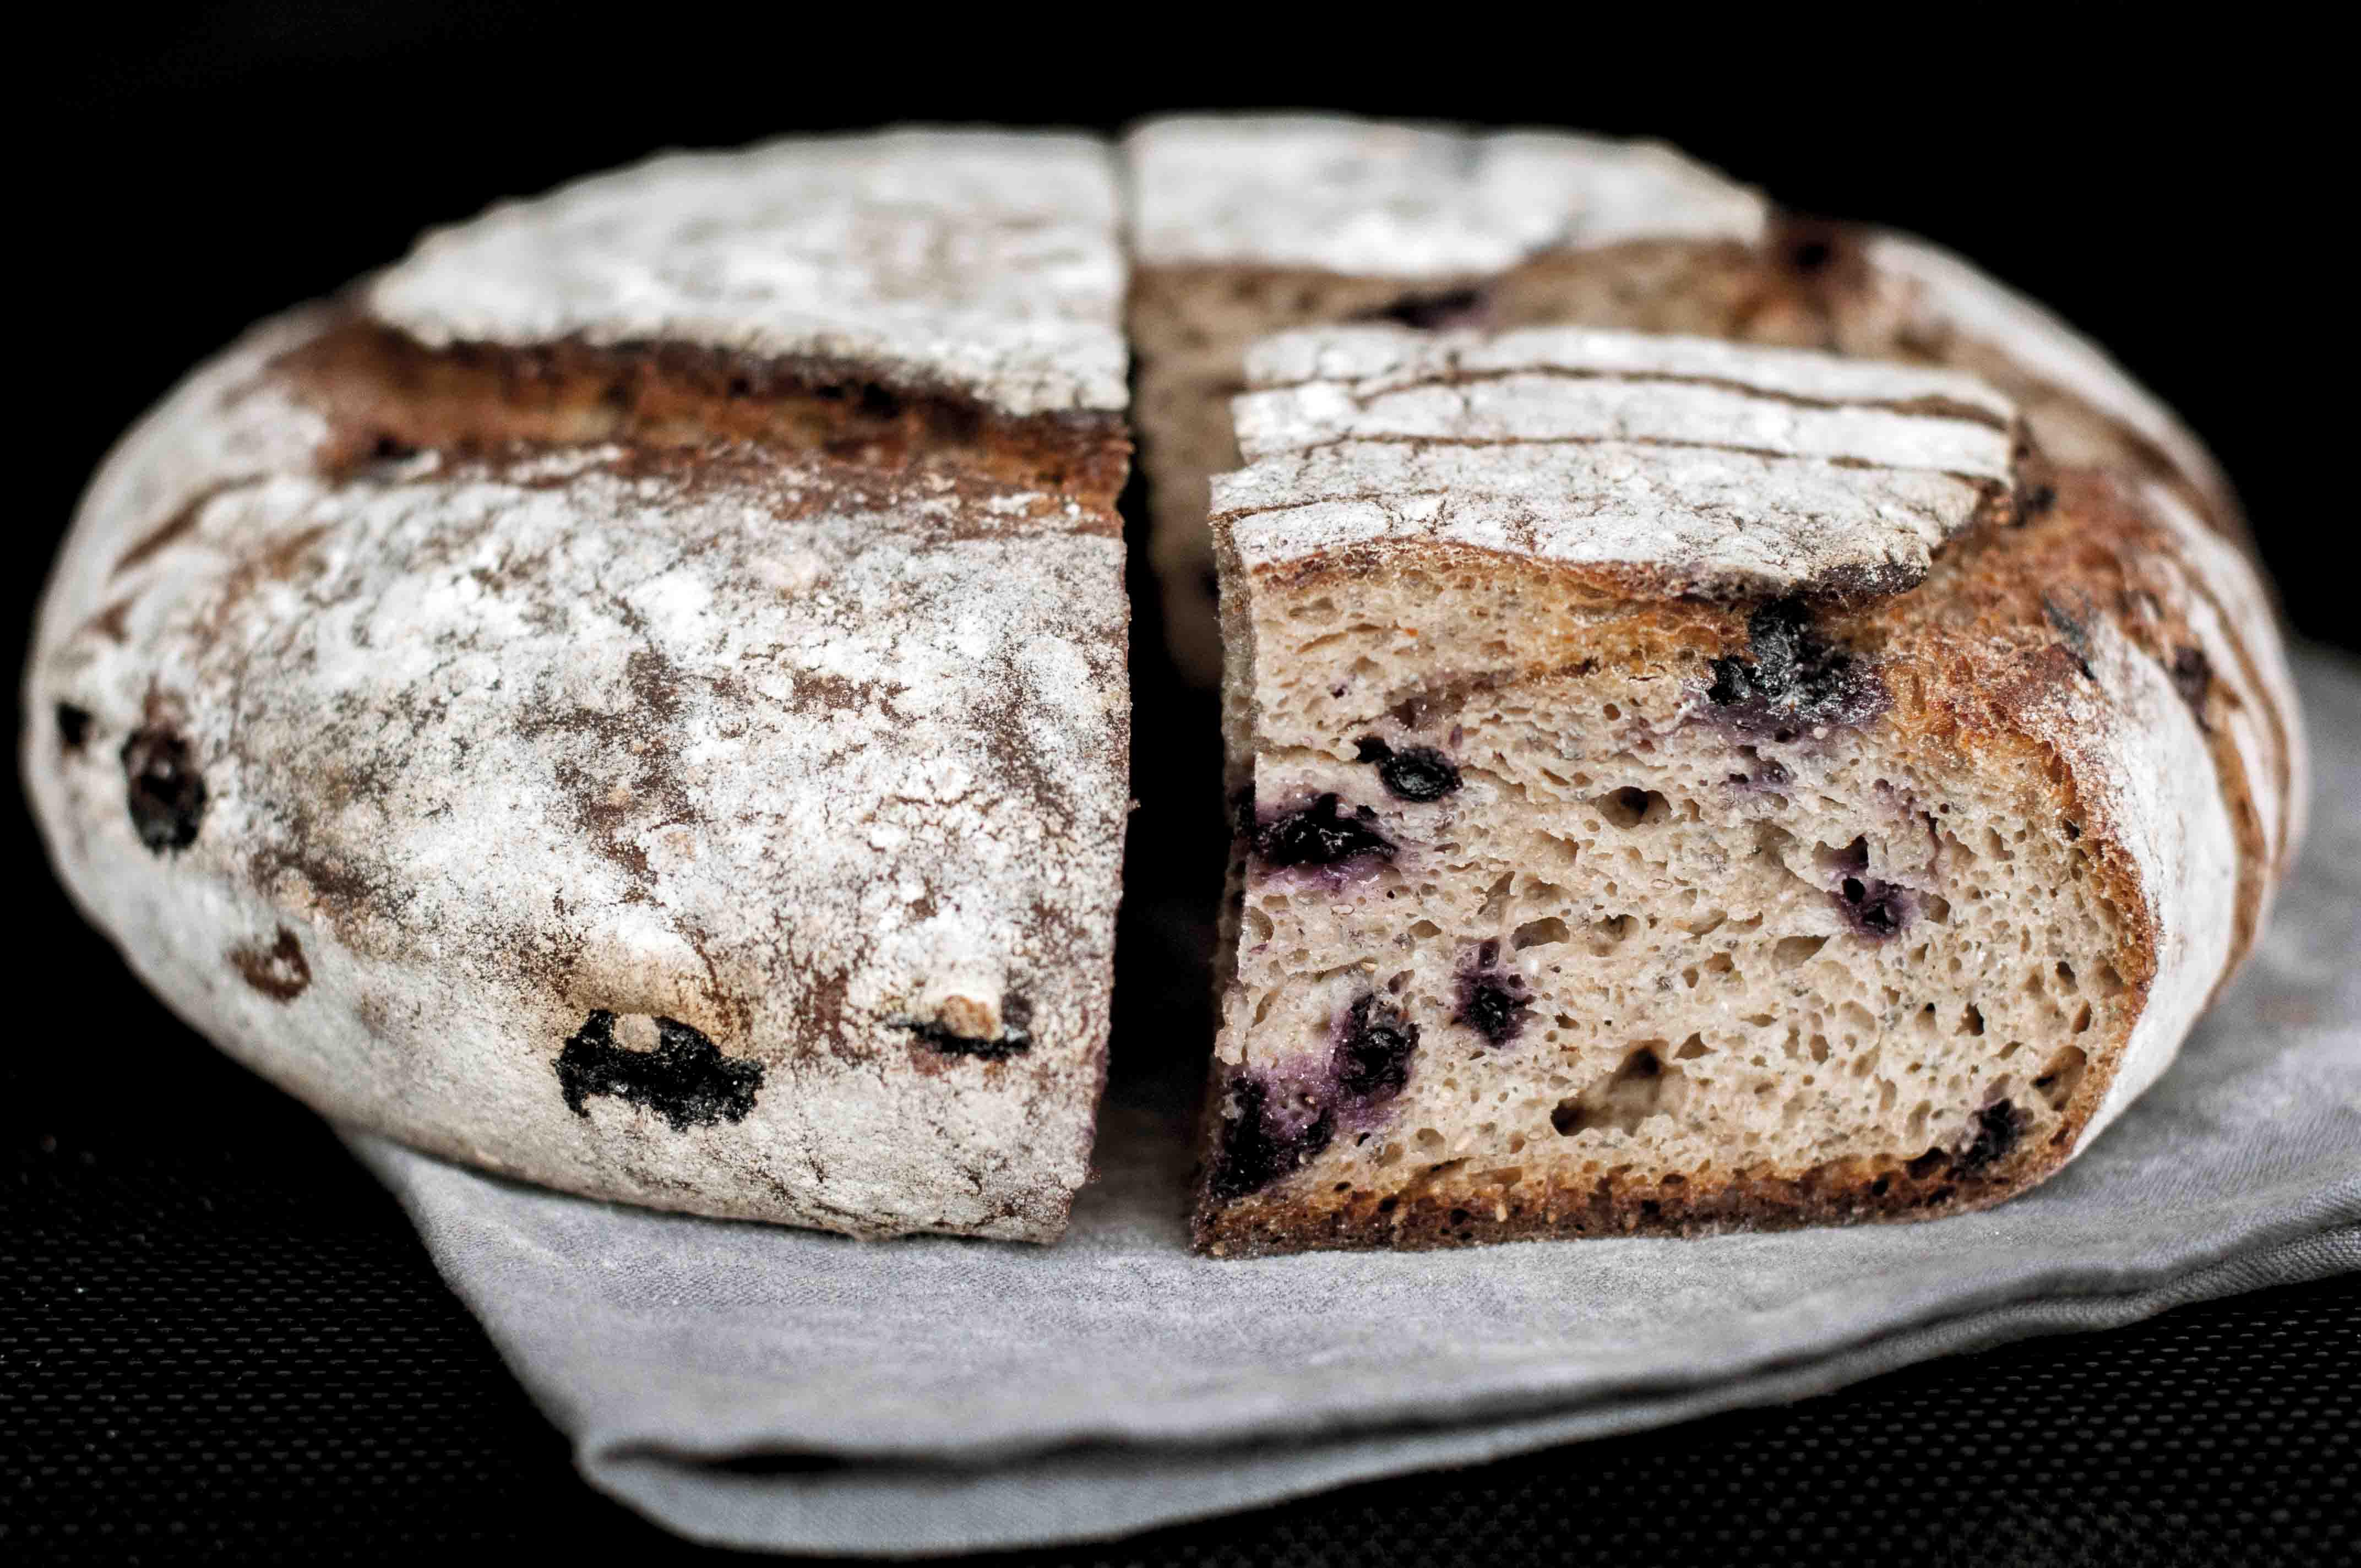 Whole Grain Sourdough Bread  Whole Grain Apple Blueberry Spelt Sourdough with Chia